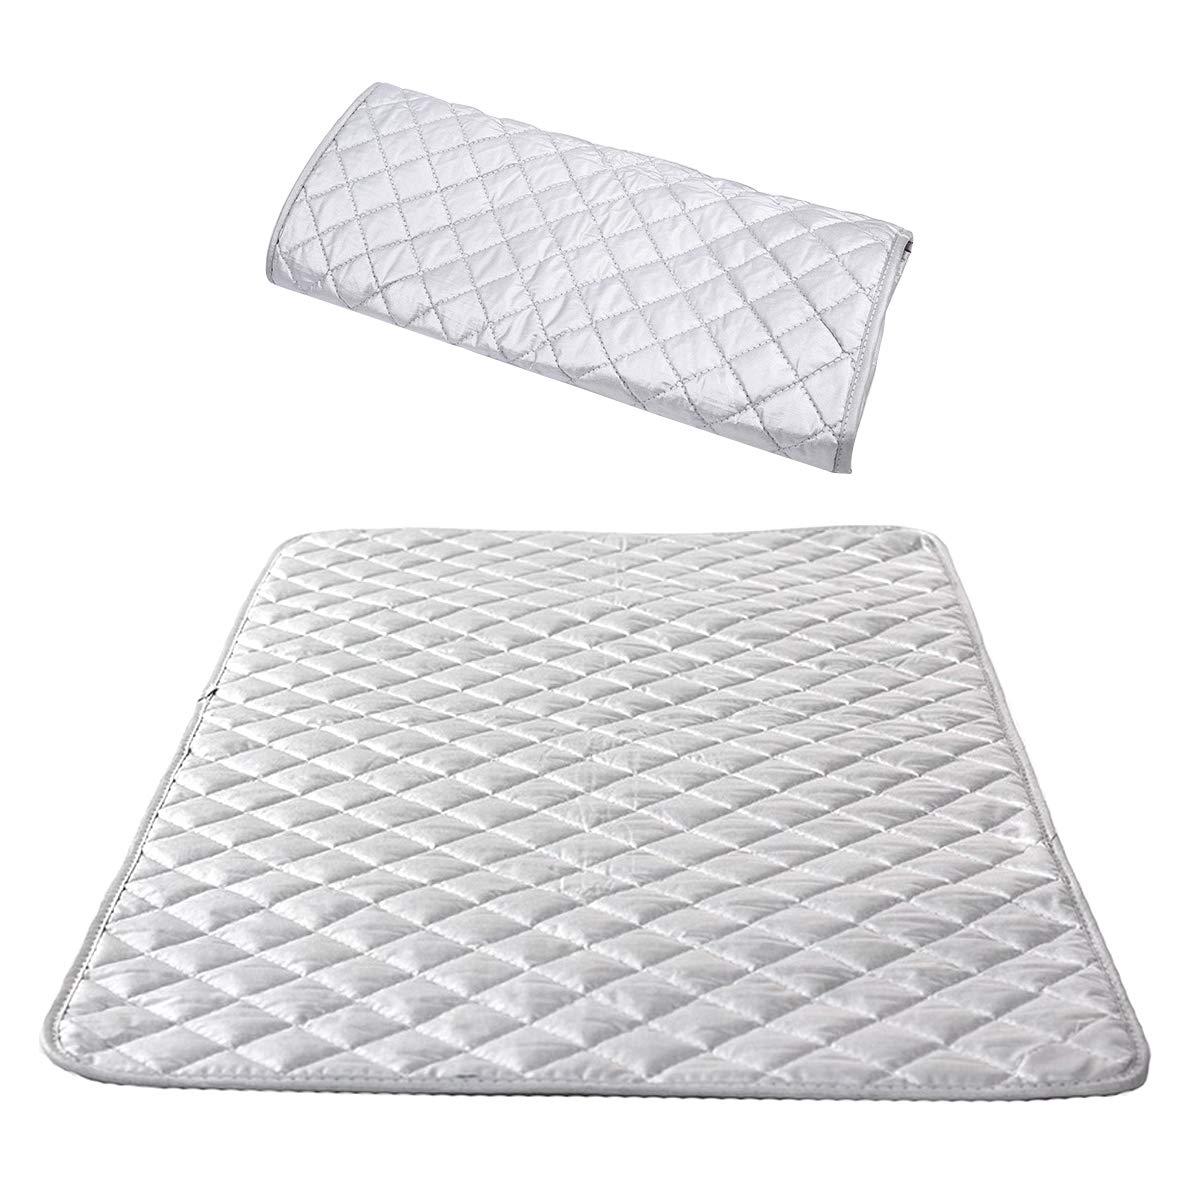 Manta de Planchar T/érmica de Algod/ón Funda para Tabla de Planchar con Revestimiento de Aluminio Reflector de Calor Antideslizante 48x85 cm